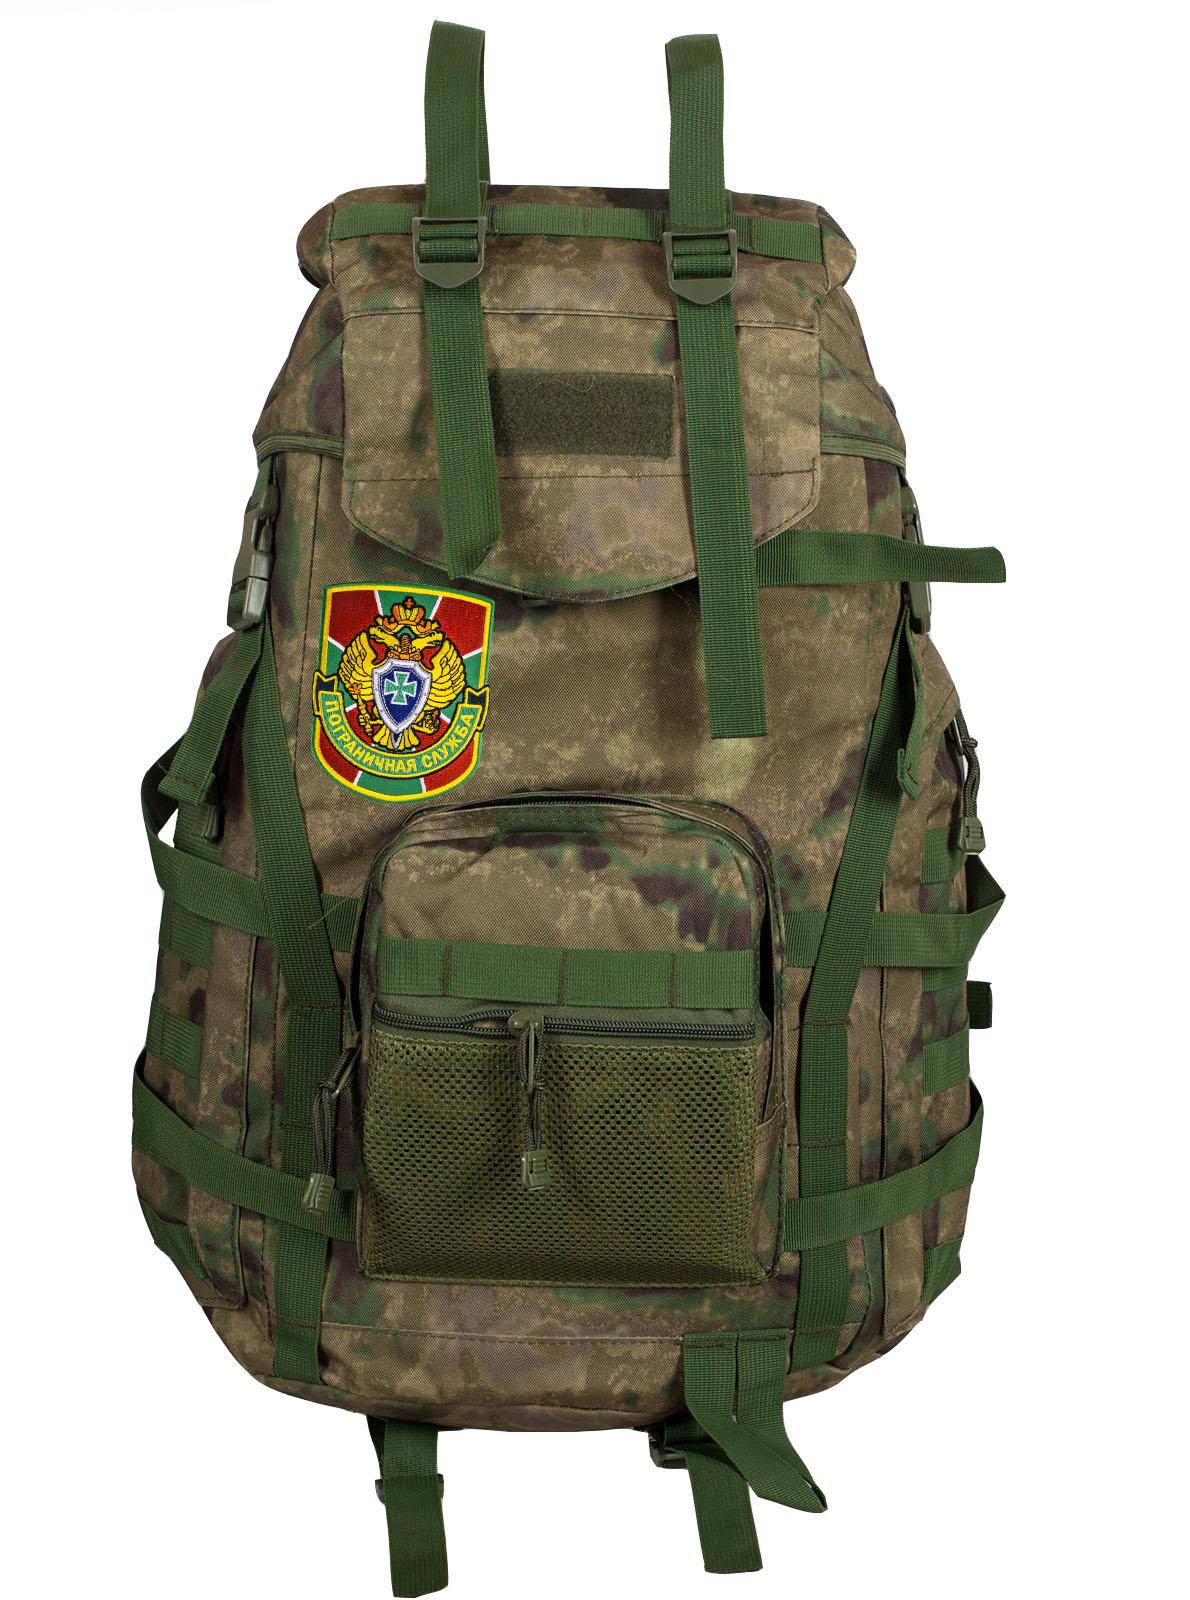 Походный камуфляжный рюкзак с военной нашивкой Пограничной службы - купить оптом